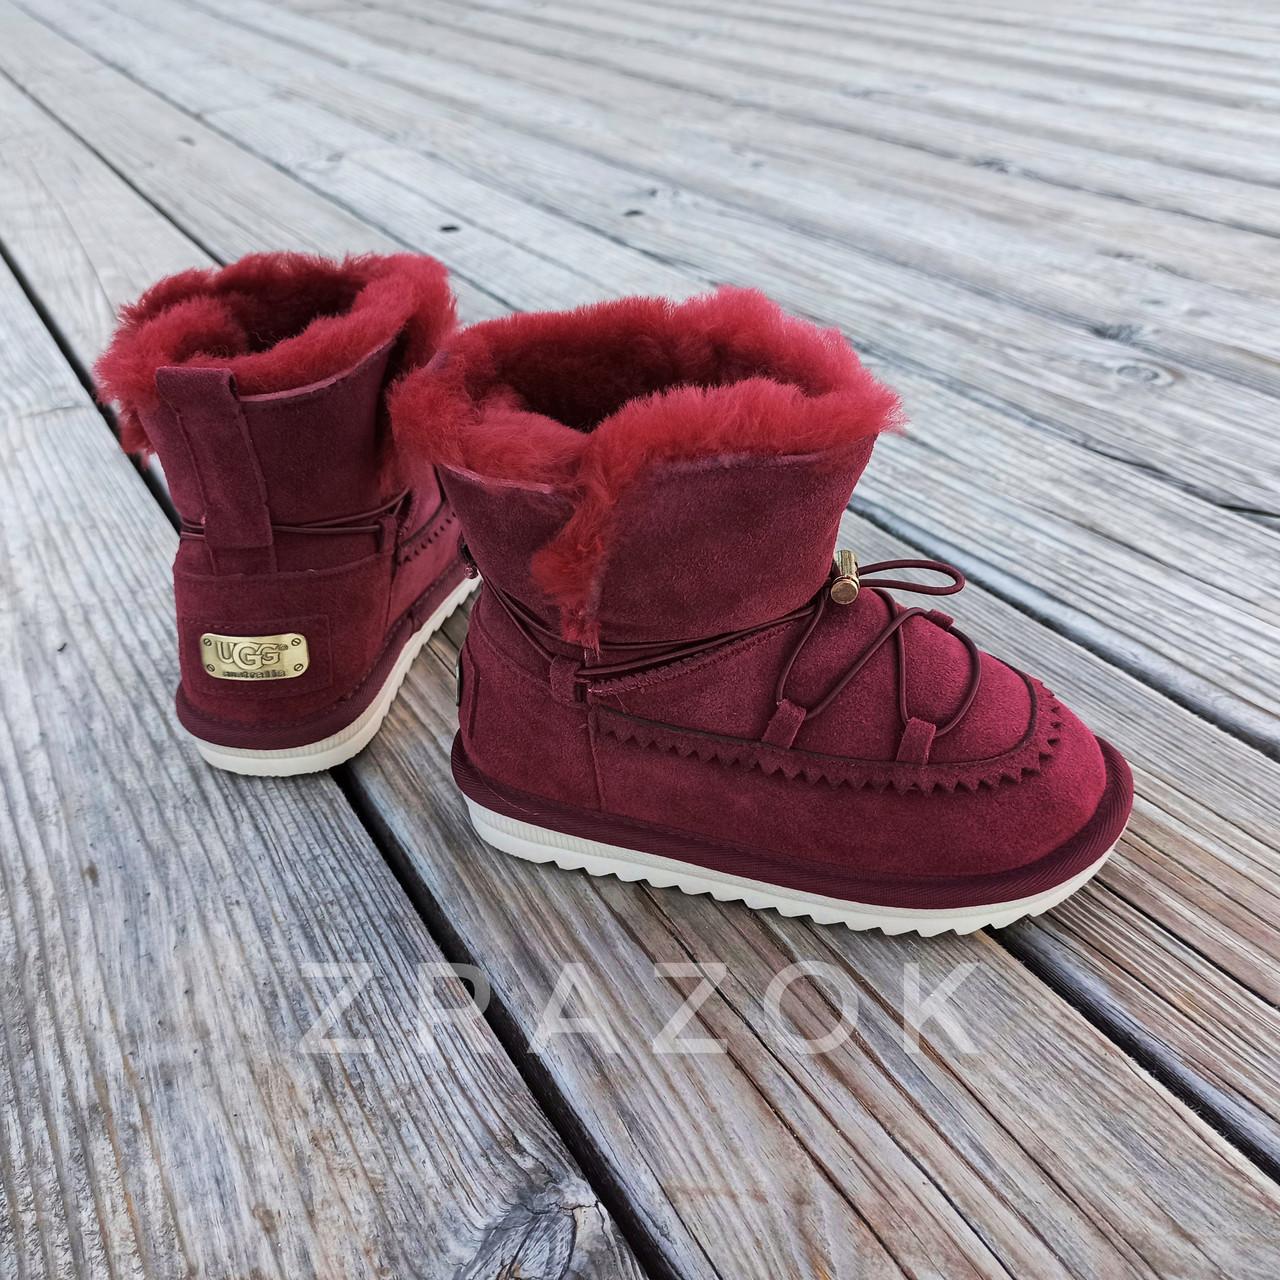 Натуральна замша натуральне хутро уггі дитячі бордо червоні, бордові черевики уггі дитячі для дівчинки